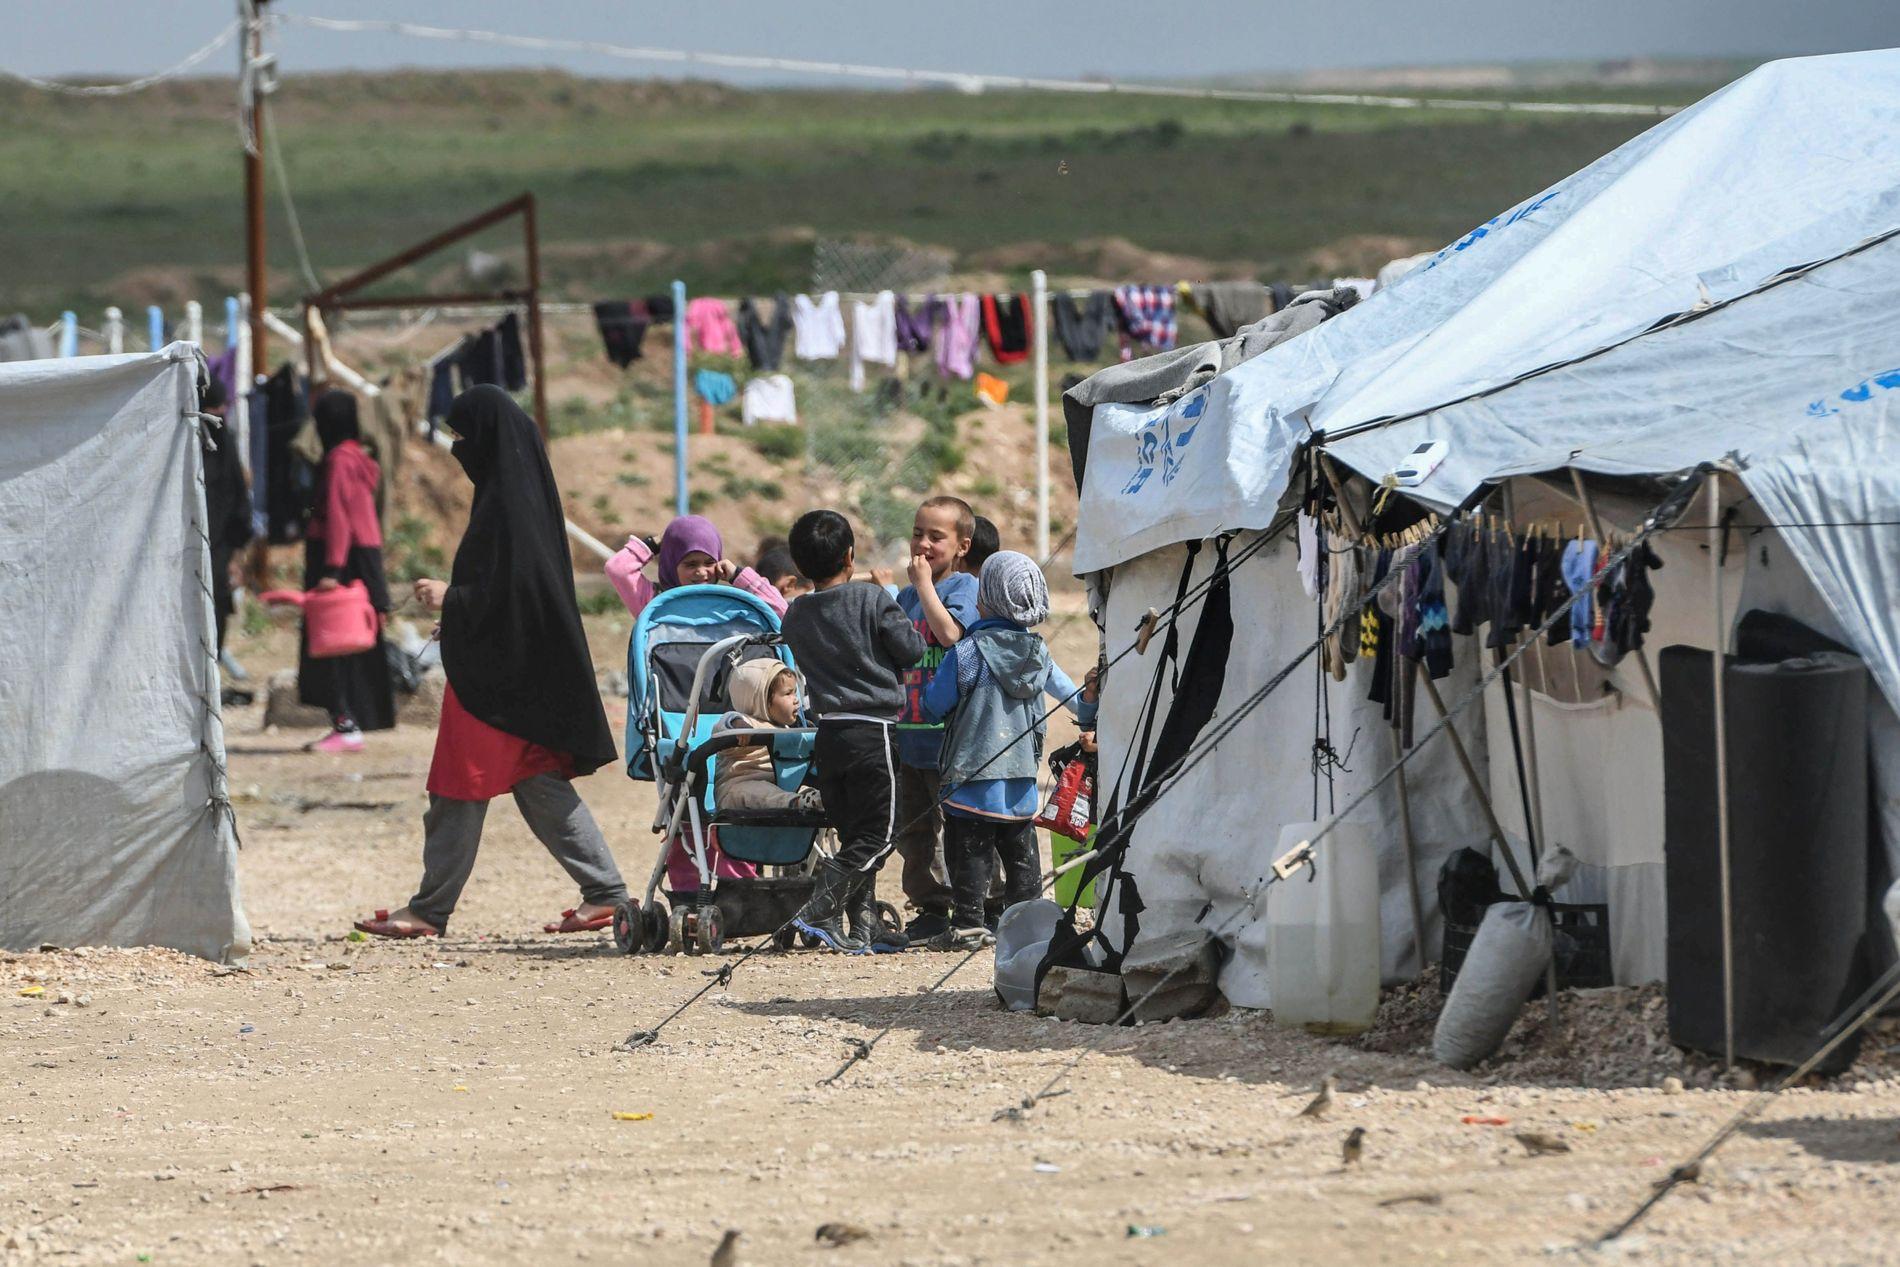 LEIREN: De norske barna og deres mødre sitter i interneringsleiren al-Hol i Syria, sammen med en rekke andre kvinner og barn.